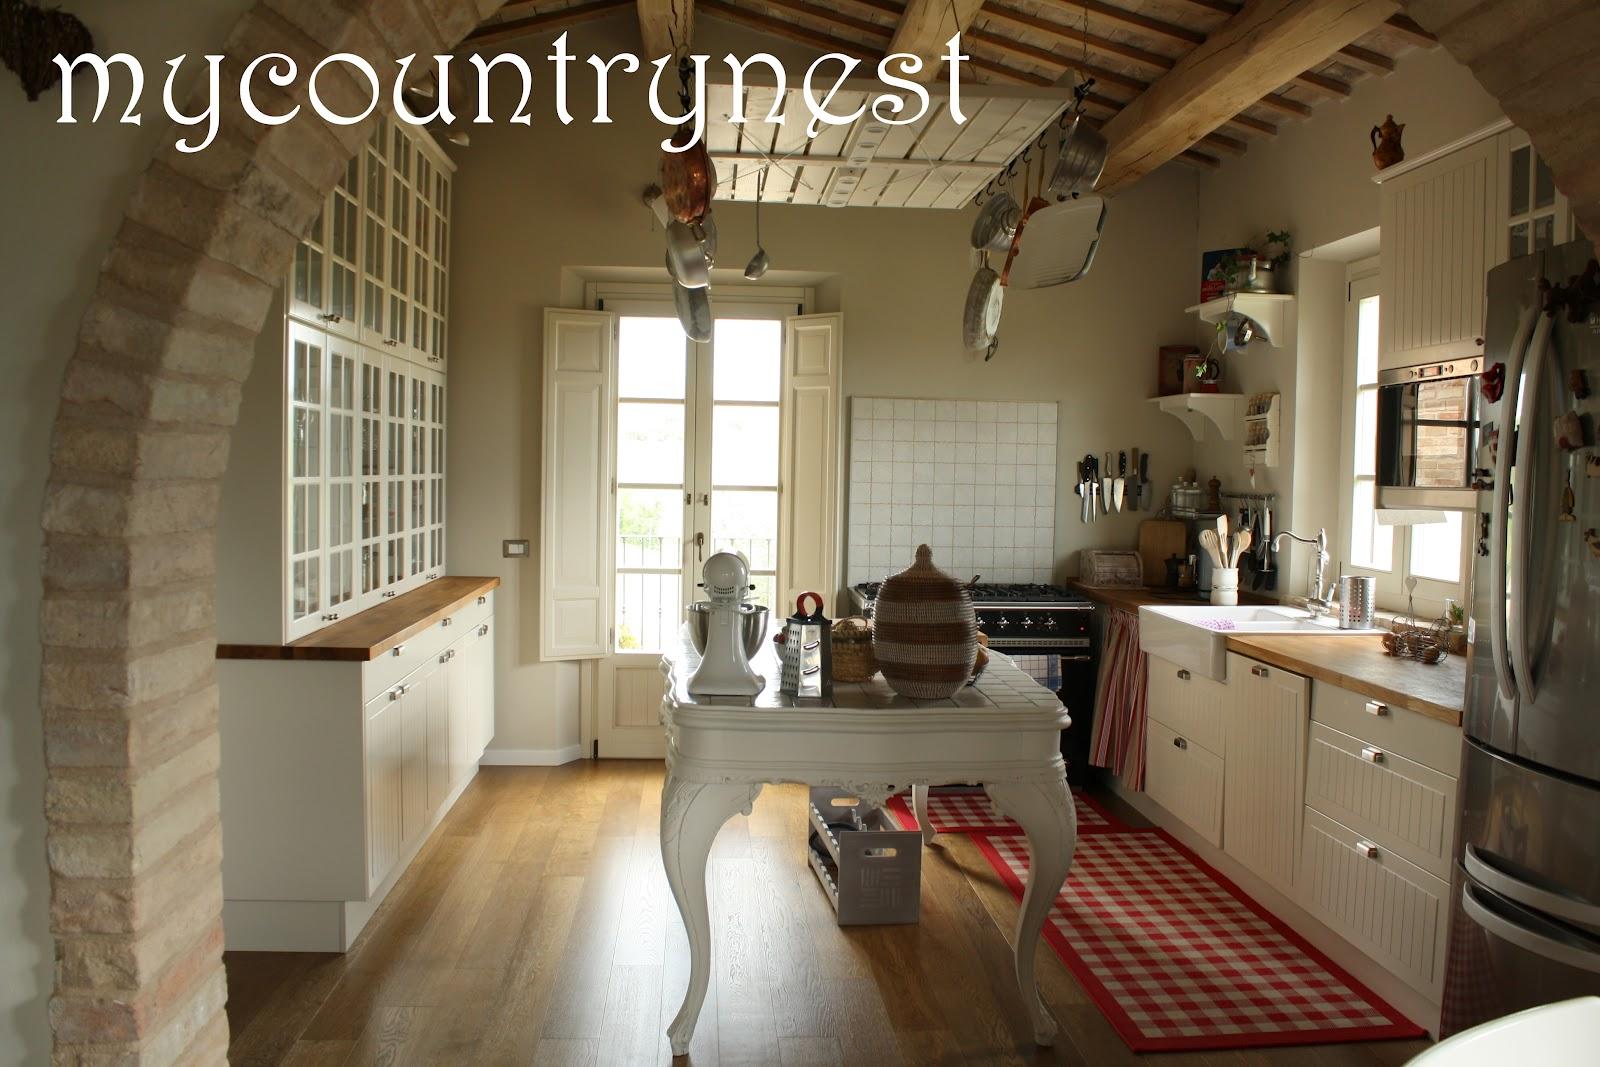 My country nest: Recupero in cucina: isola e rastrelliera per ...